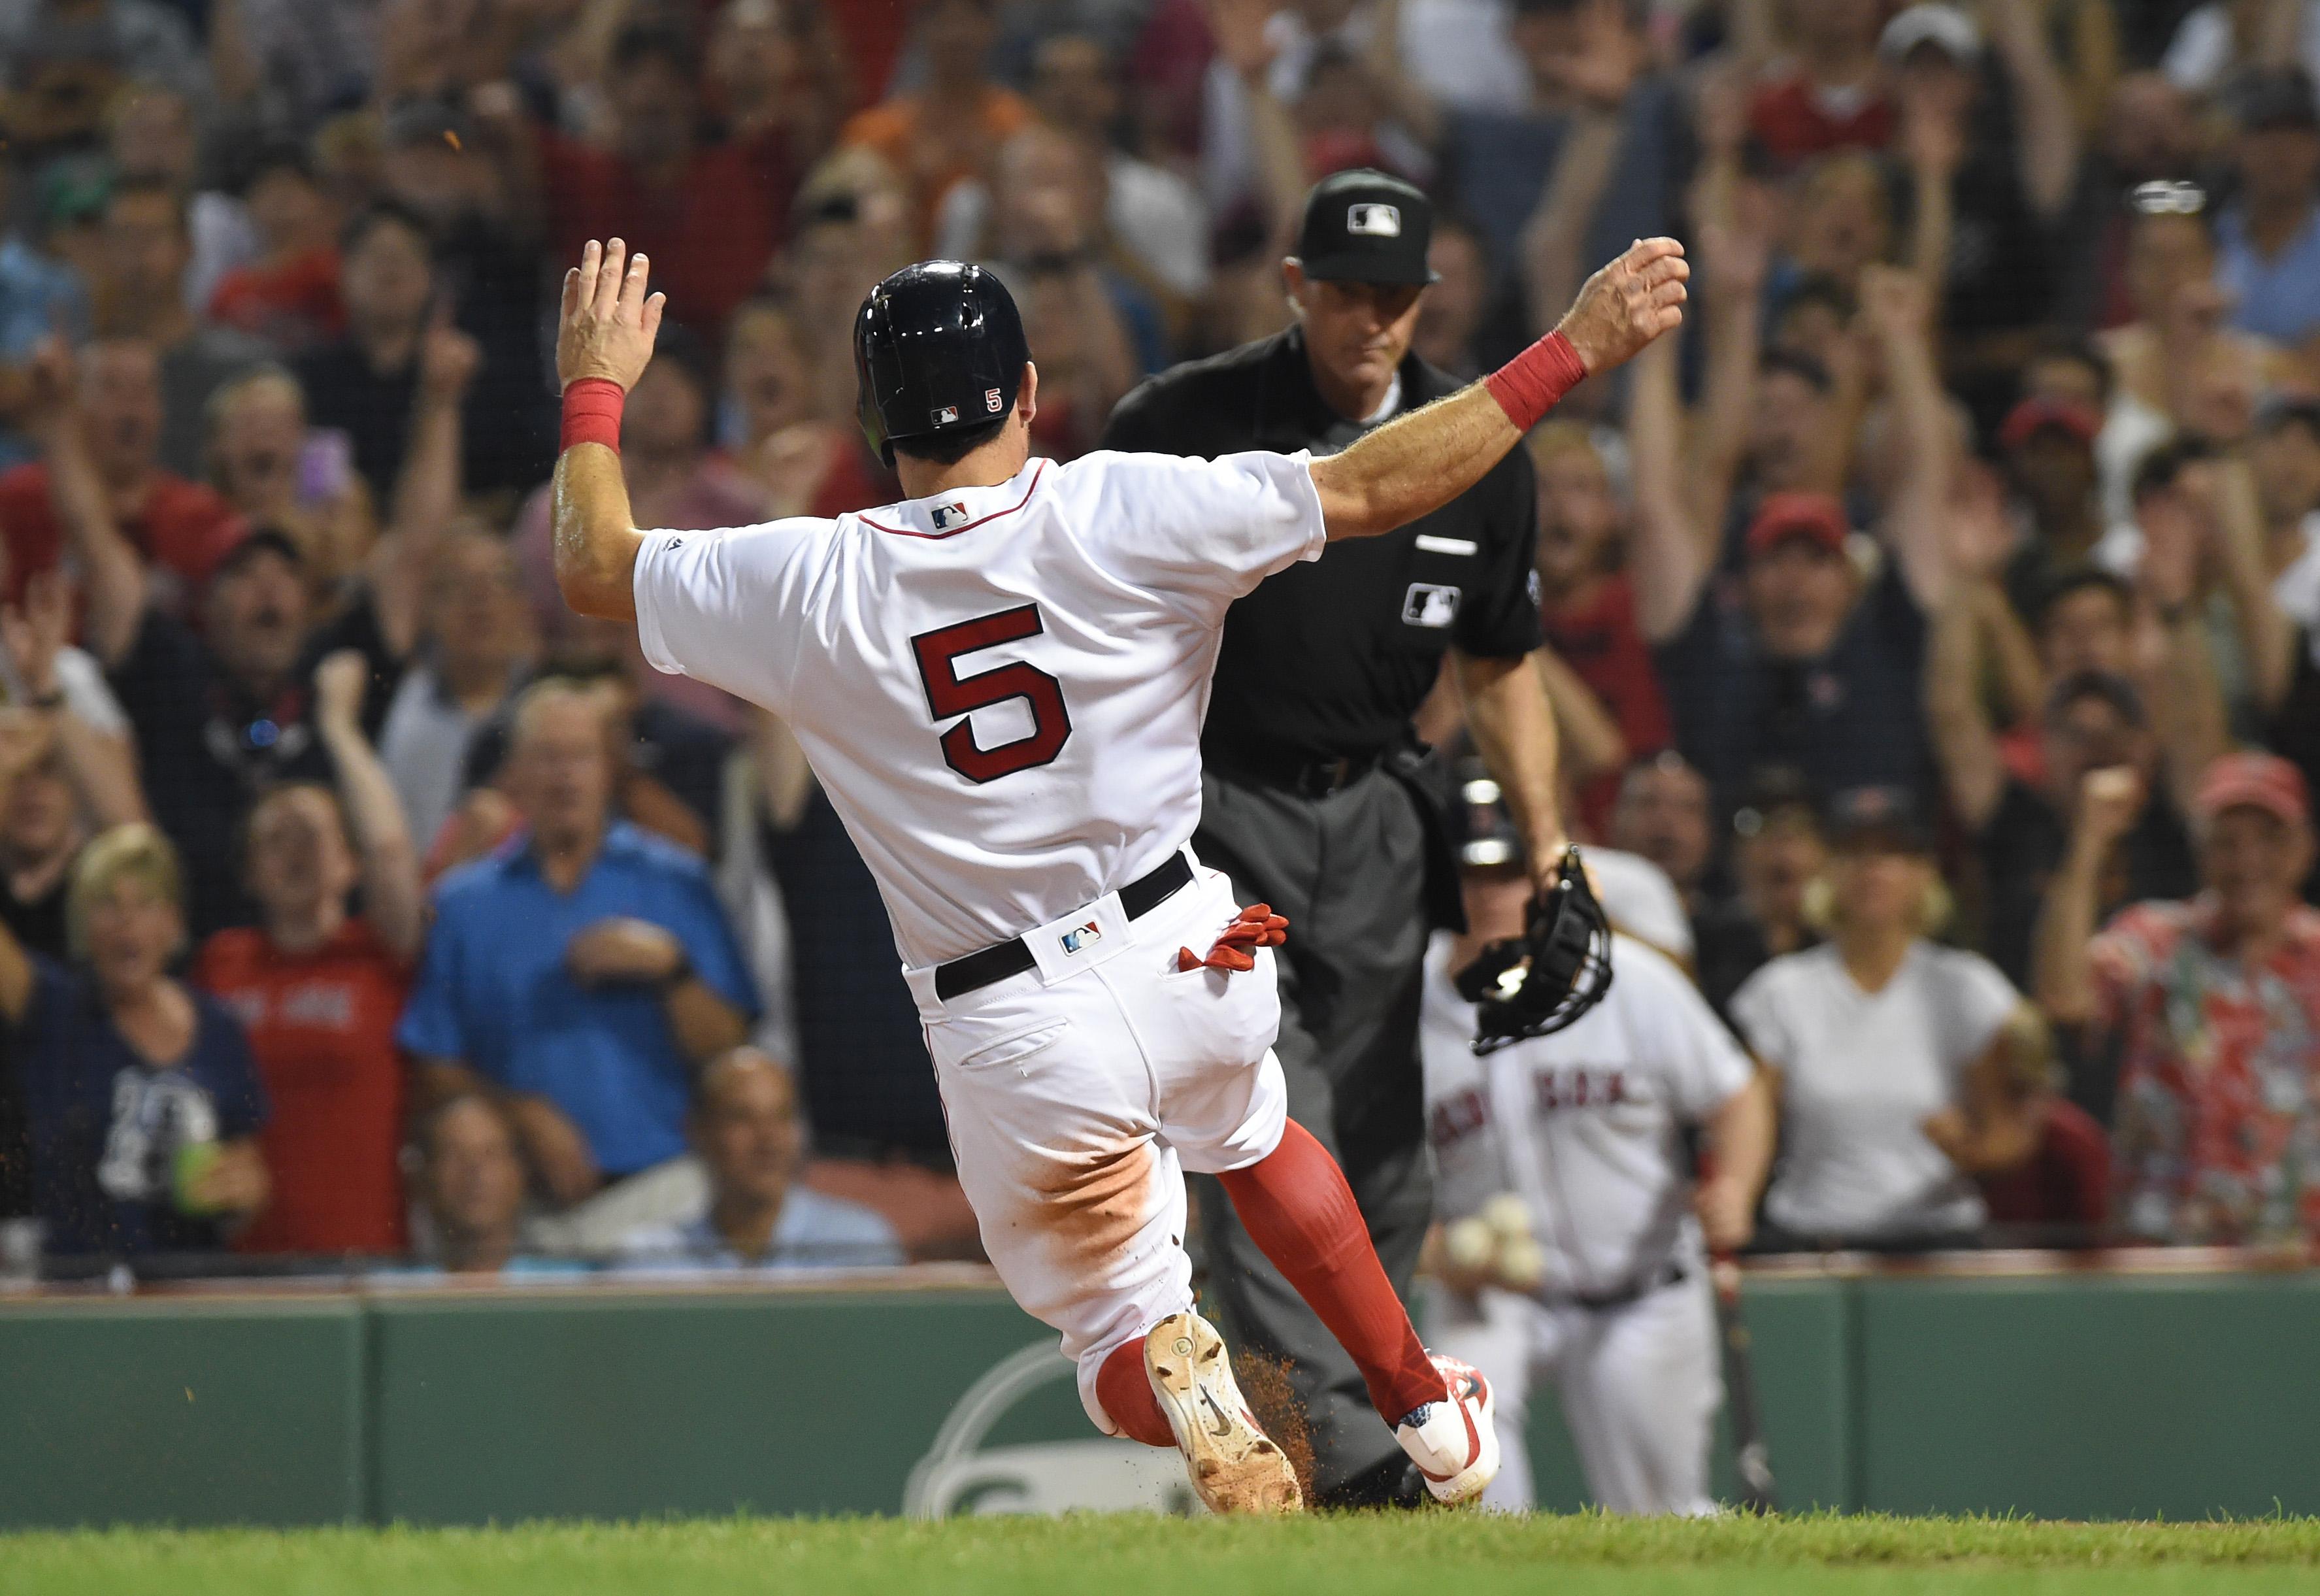 MLB: Miami Marlins at Boston Red Sox